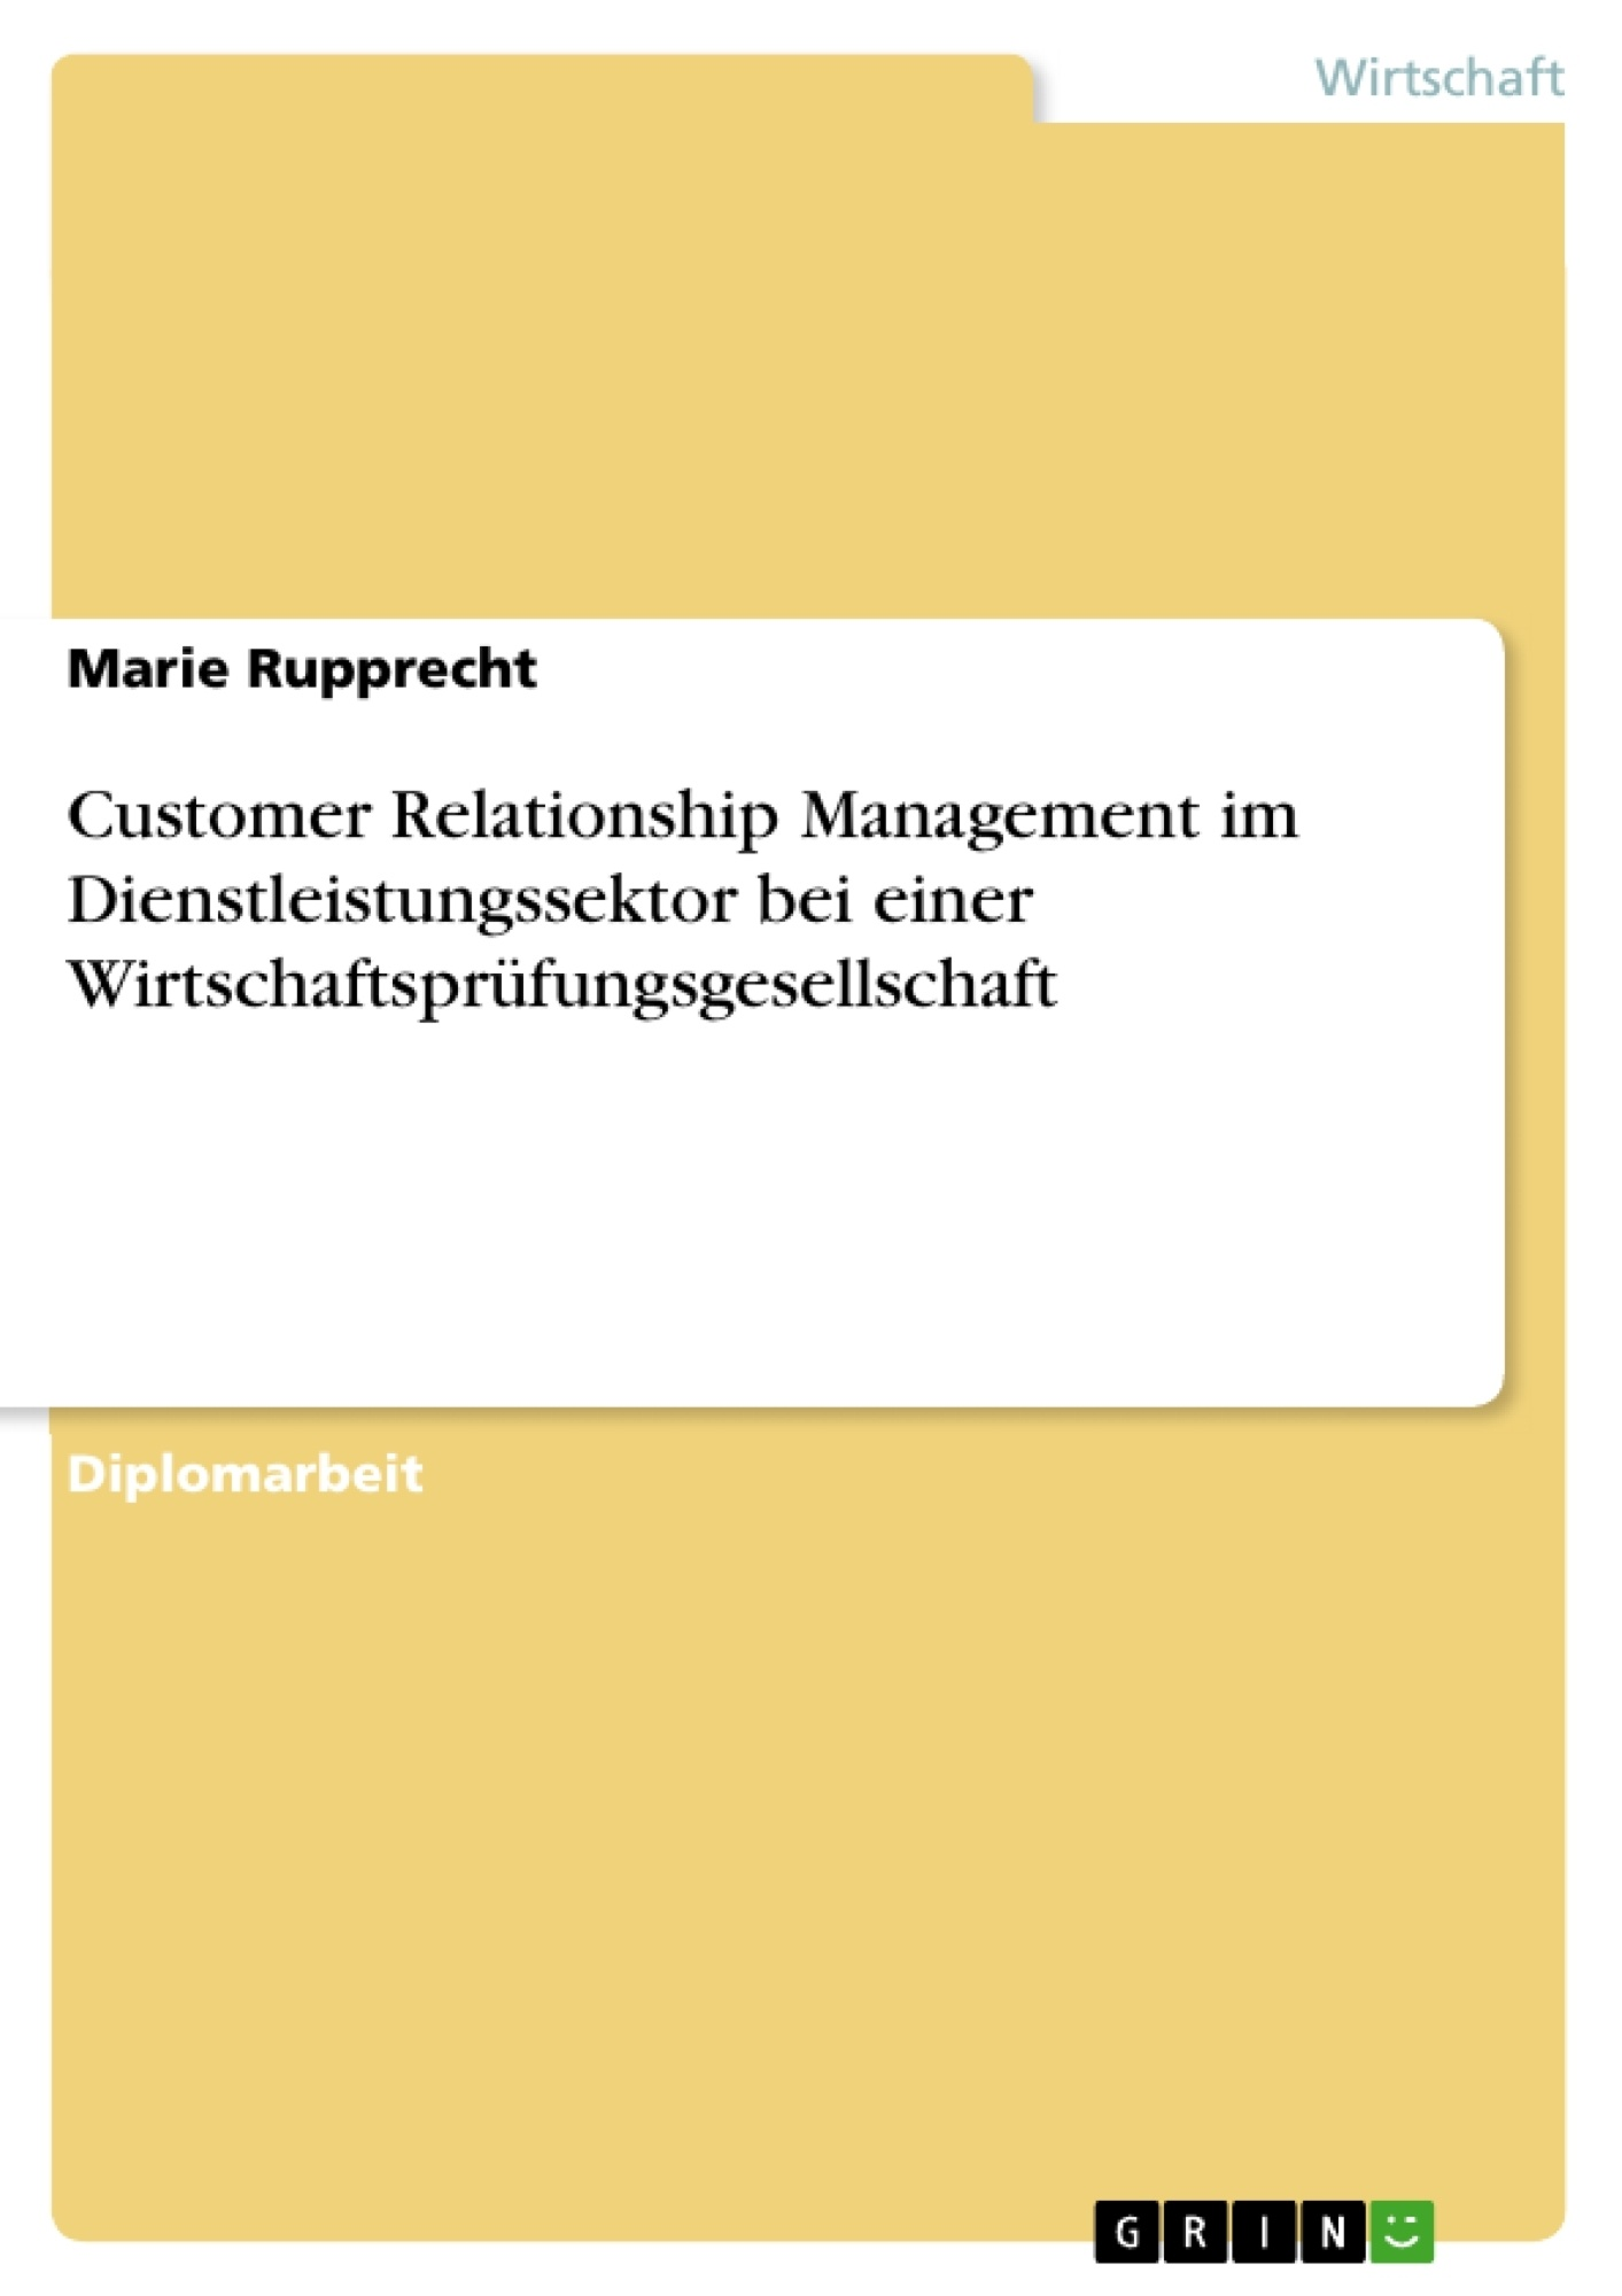 Schön Wiederaufnahme Der Objektiven Aussage Des Praktikums Bilder ...